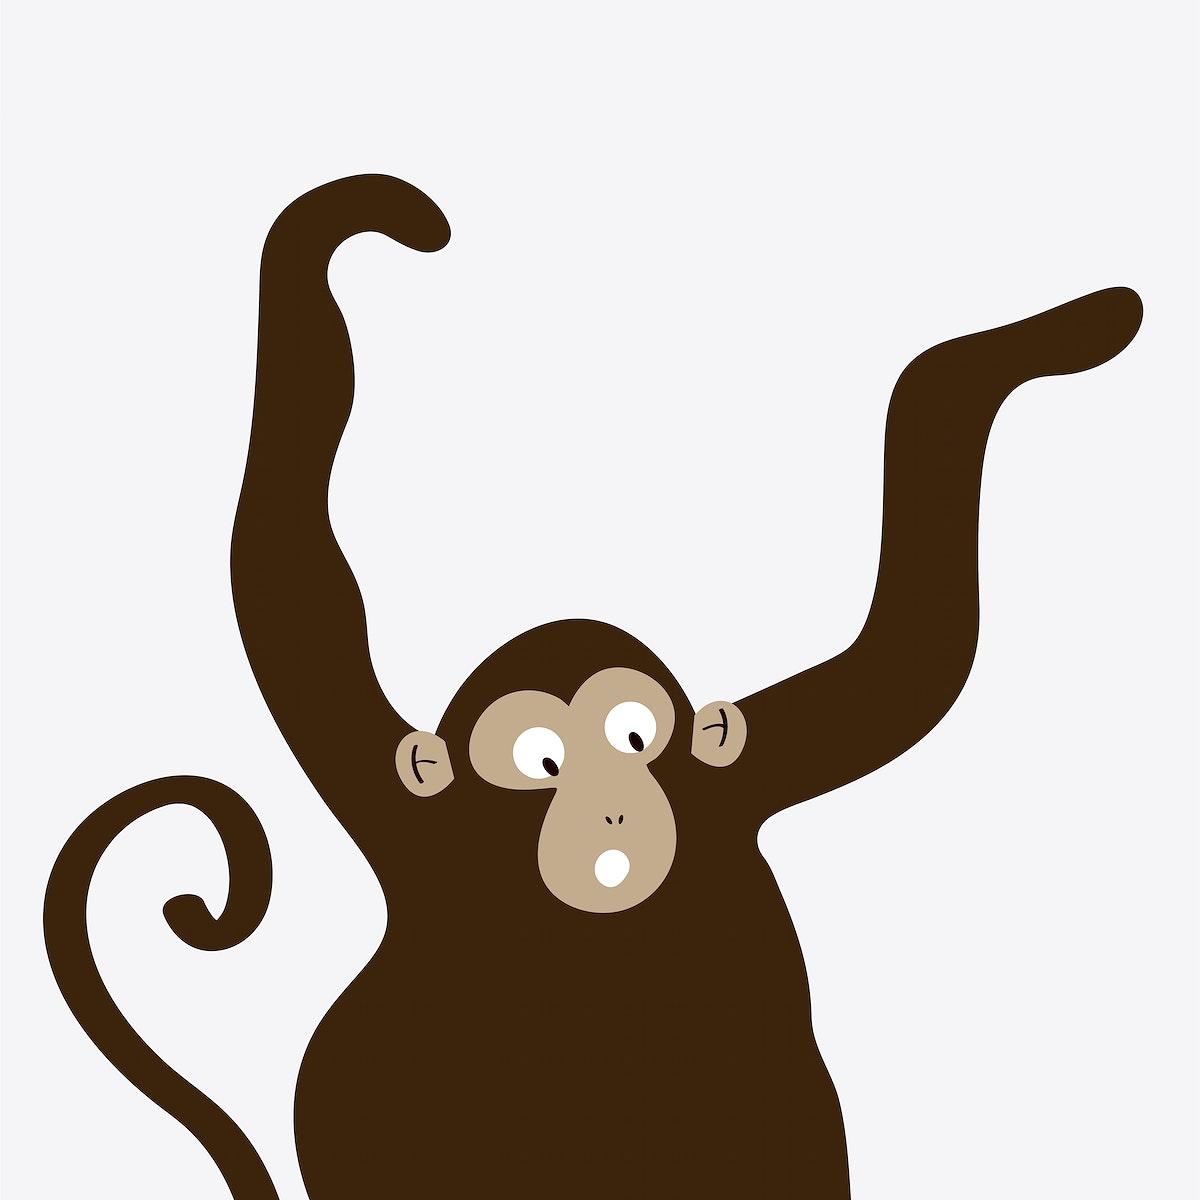 Excited monkey dancing cartoon vector